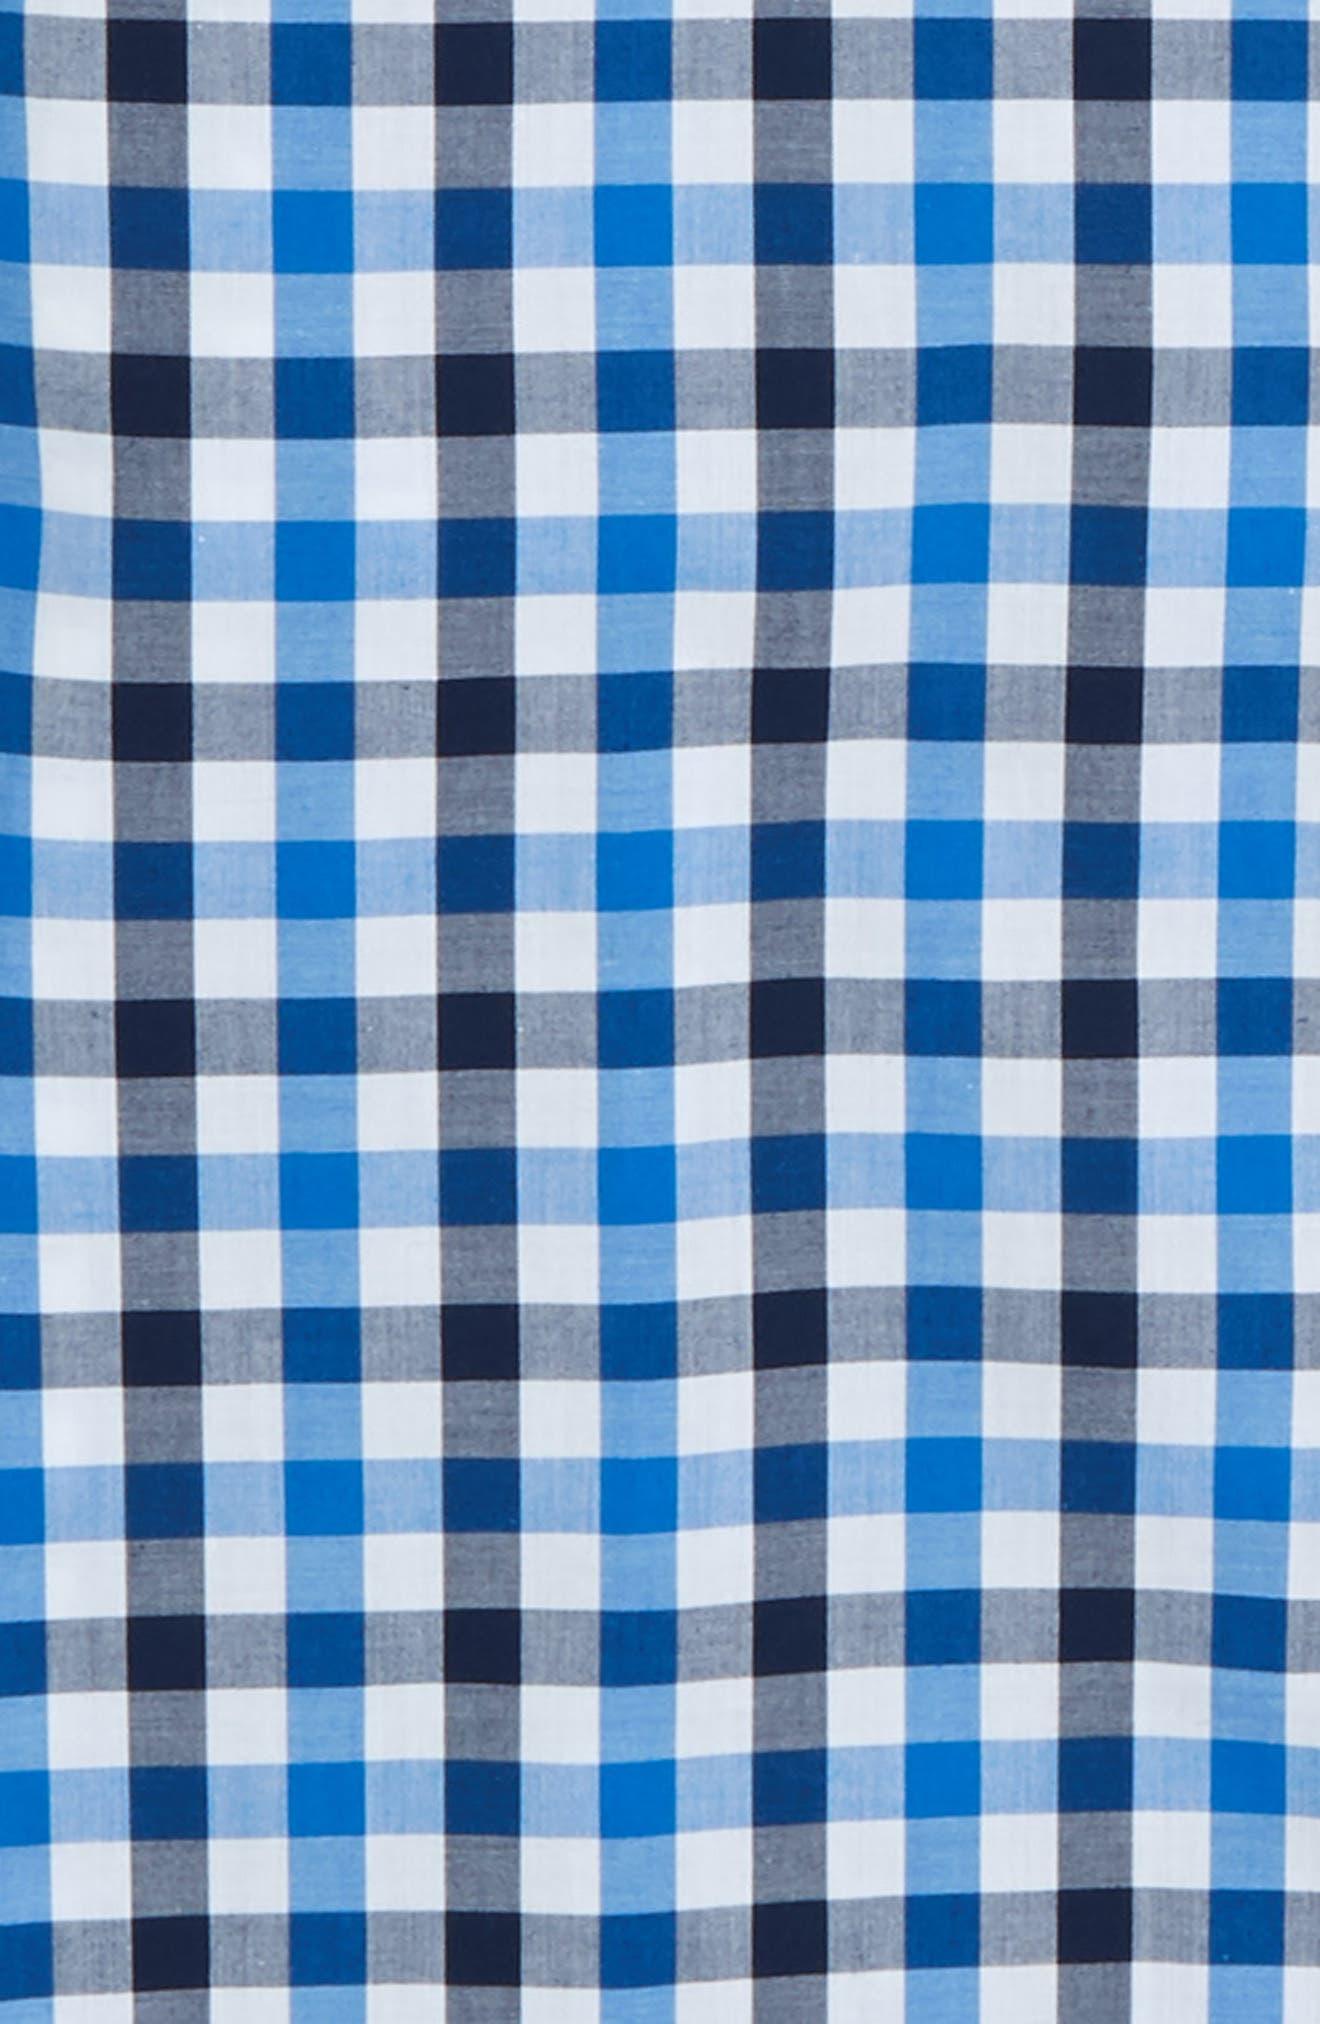 JB JR,                             Check Dress Shirt,                             Alternate thumbnail 2, color,                             422